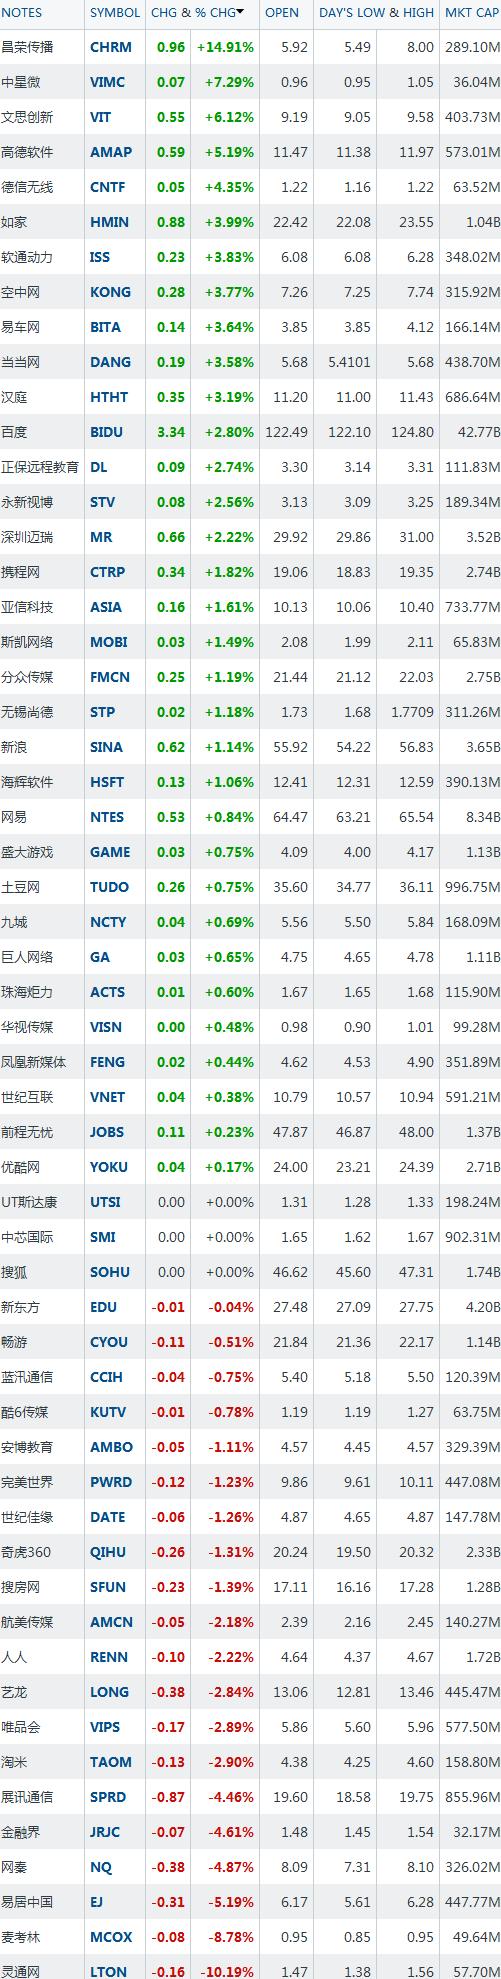 美国当地时间6月6日中国概念股收盘行情(腾讯科技配图)